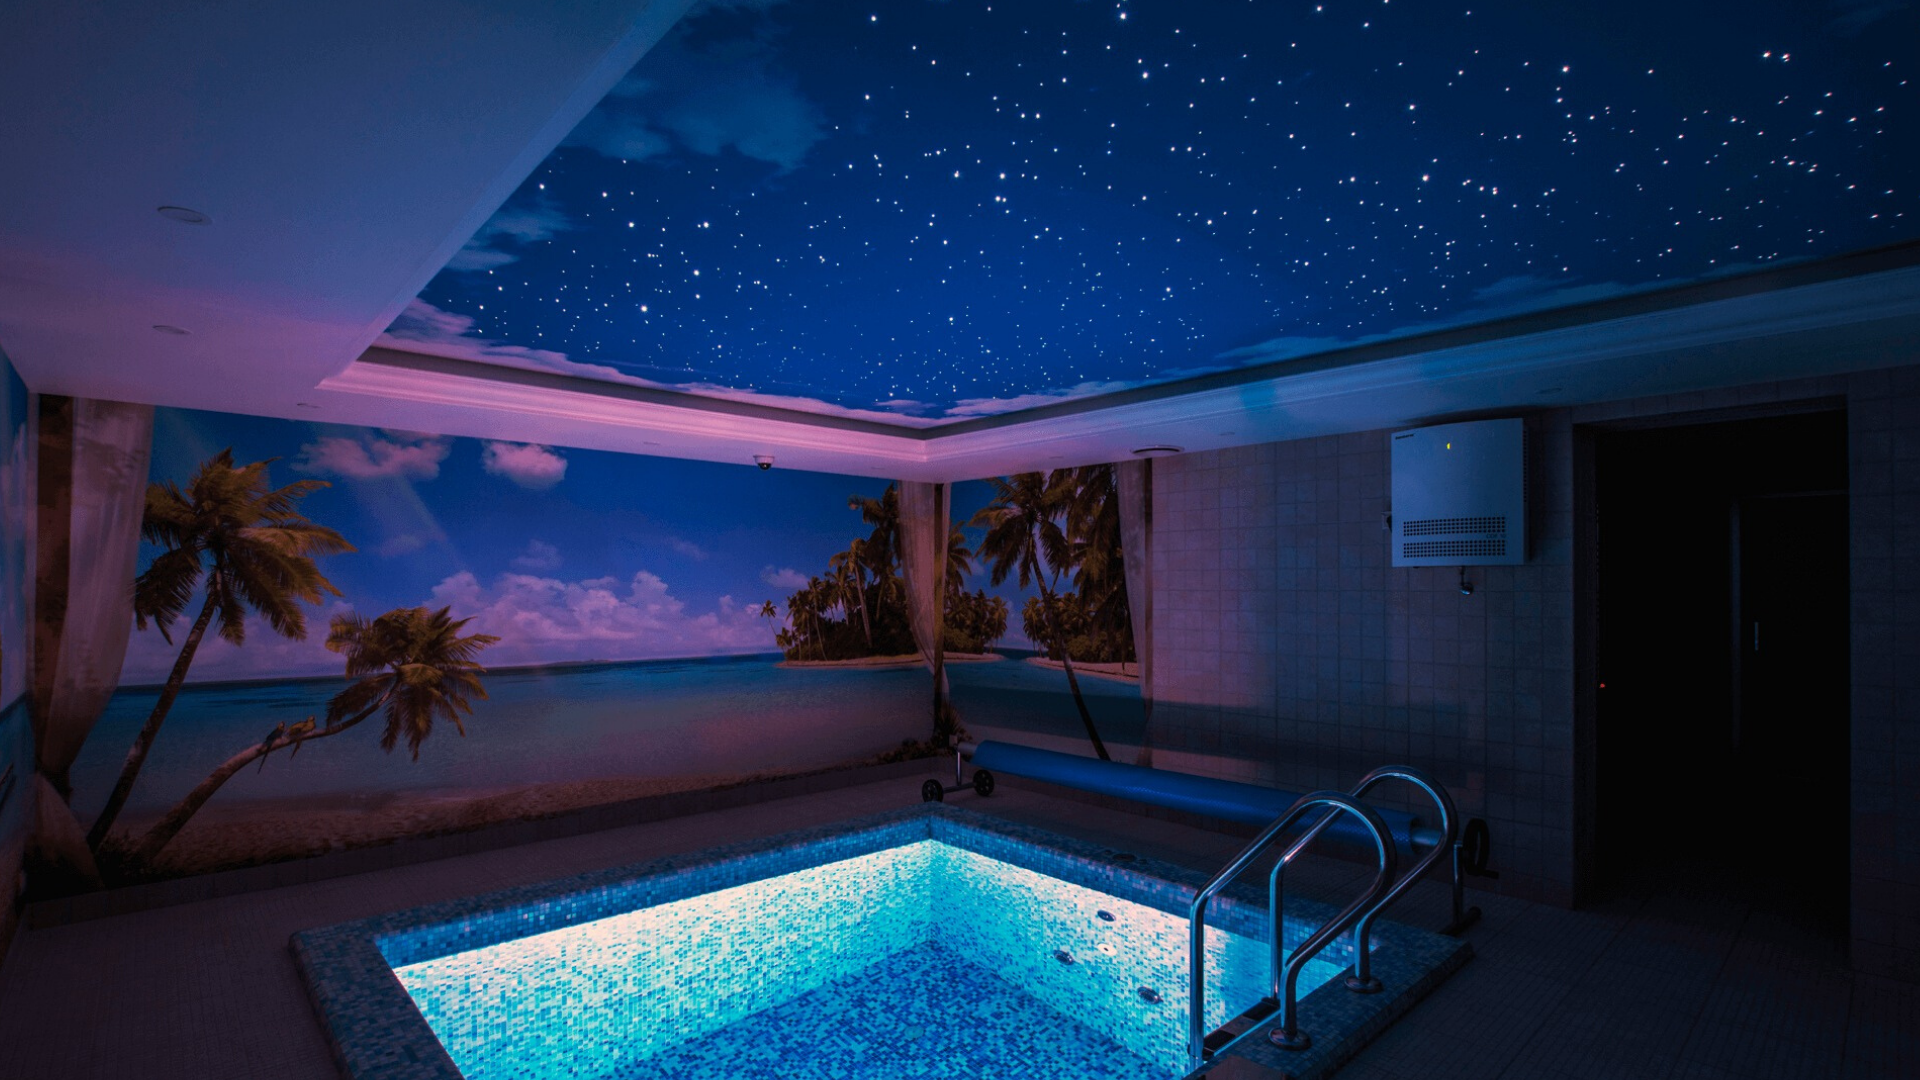 натяжные потолки звездное небо в бассейне